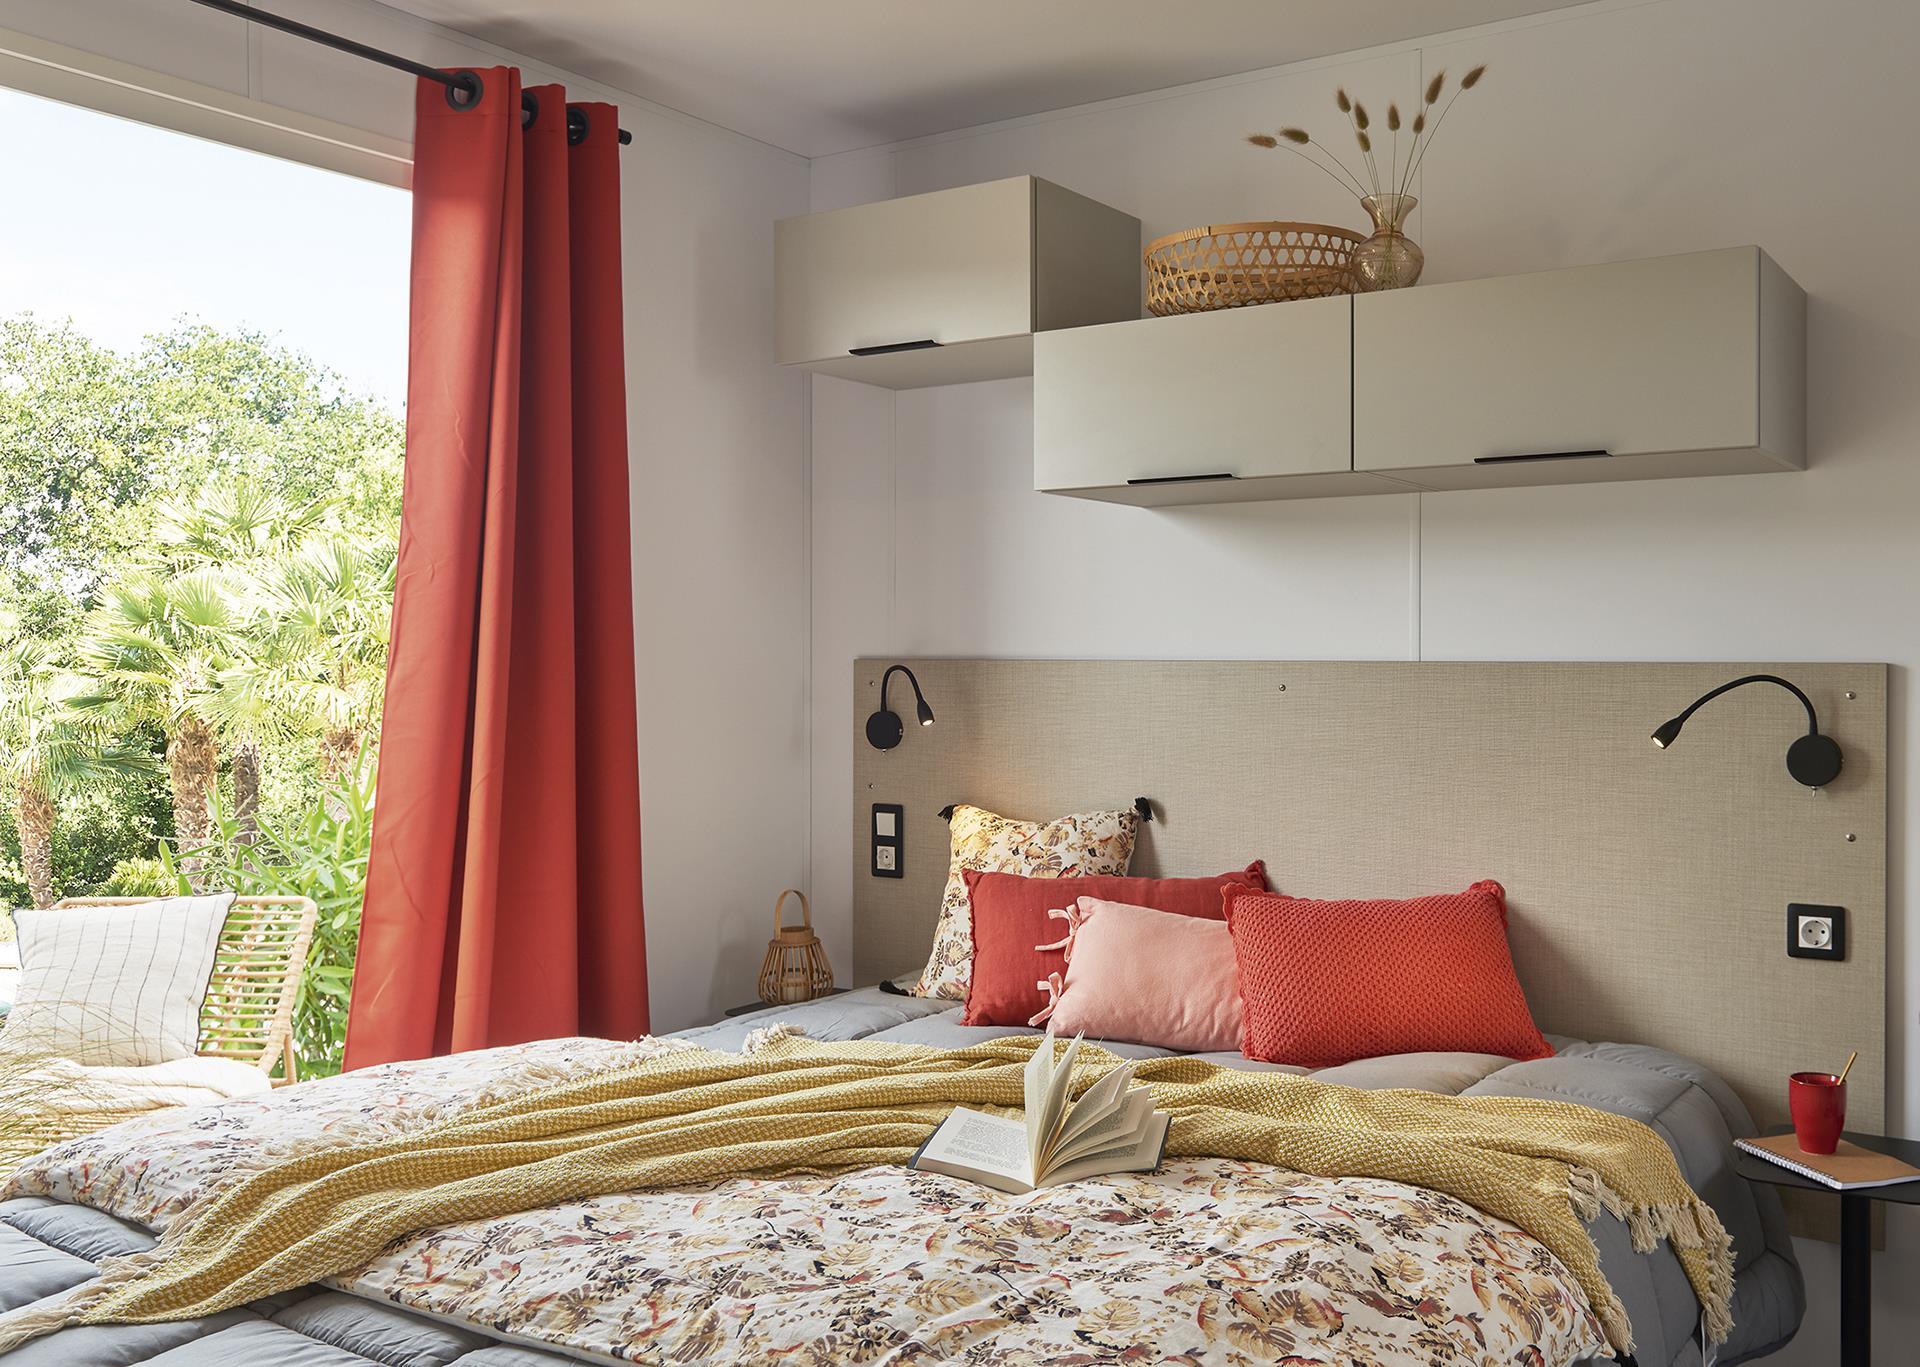 Location - Cottage Nantillais 2 Chambres Lits Doubles 2 Salles De Bain 2Wc 34M² - Nantes Camping